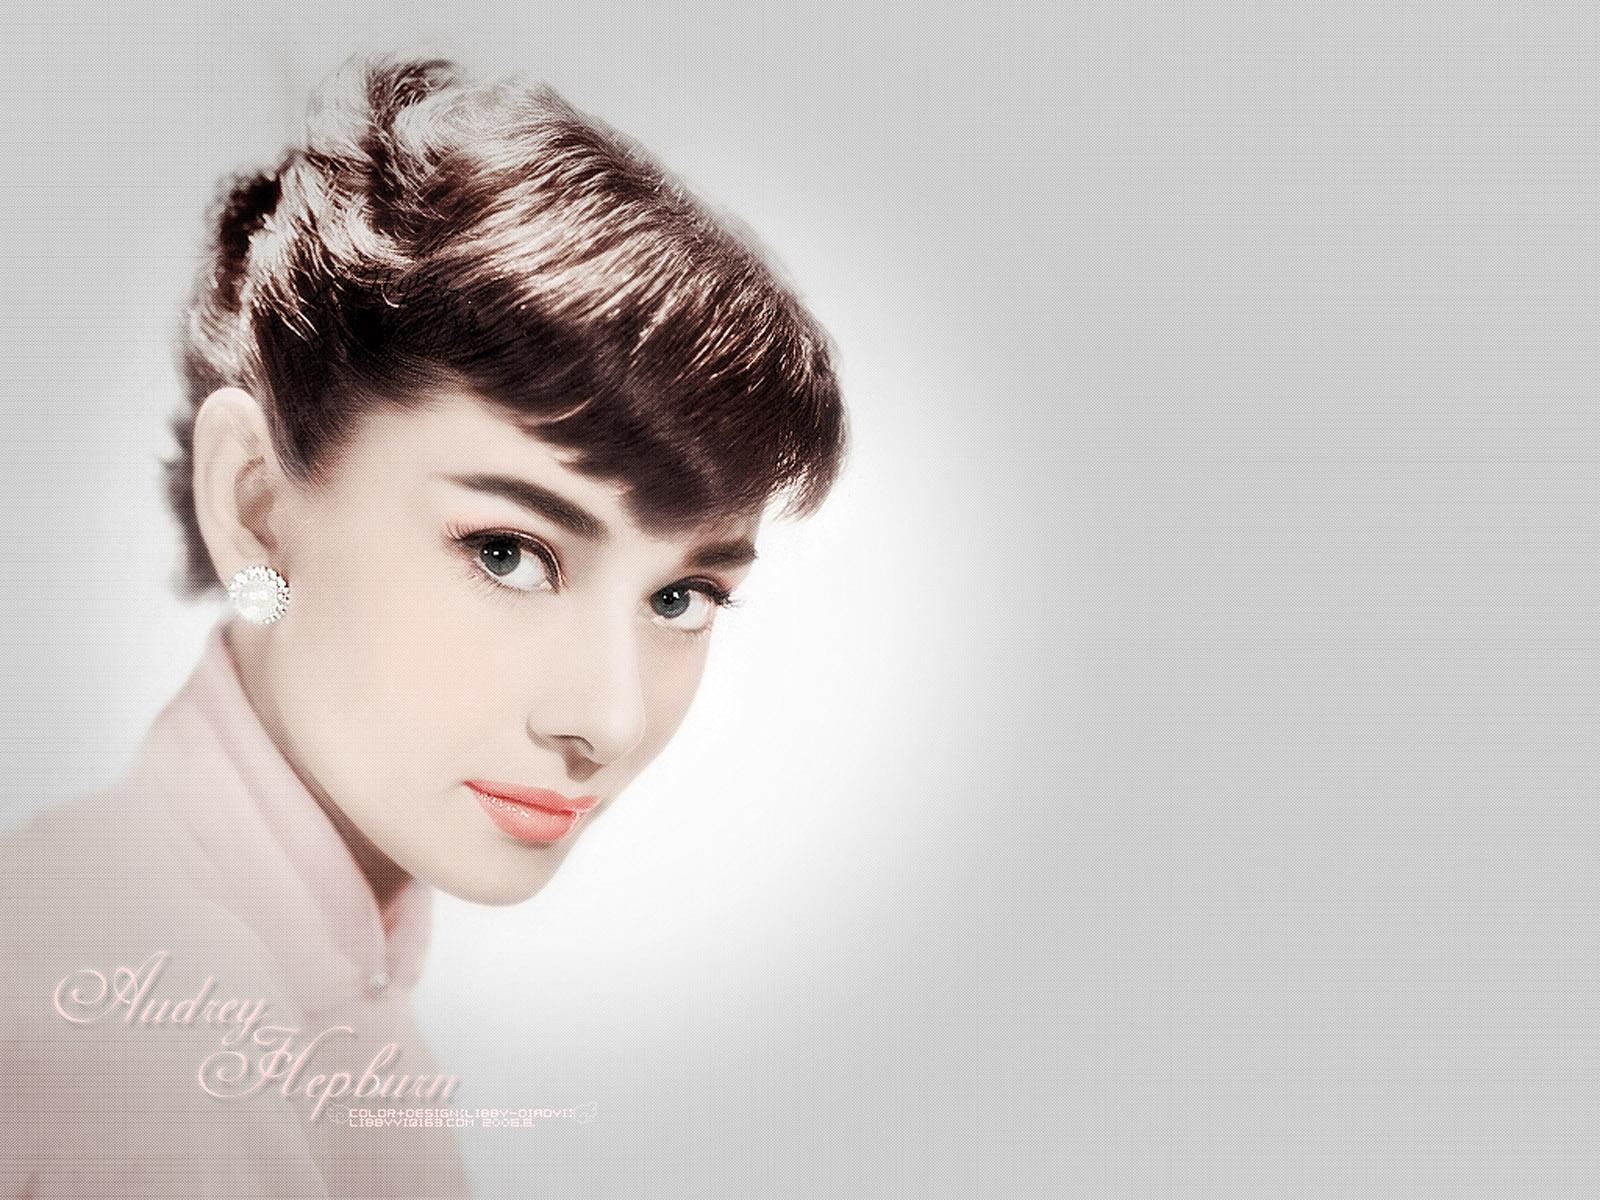 Audrey Hepburn Wallpapers Wallpaper Audrey Hepburn Wallpaper 22jpg 1600x1200